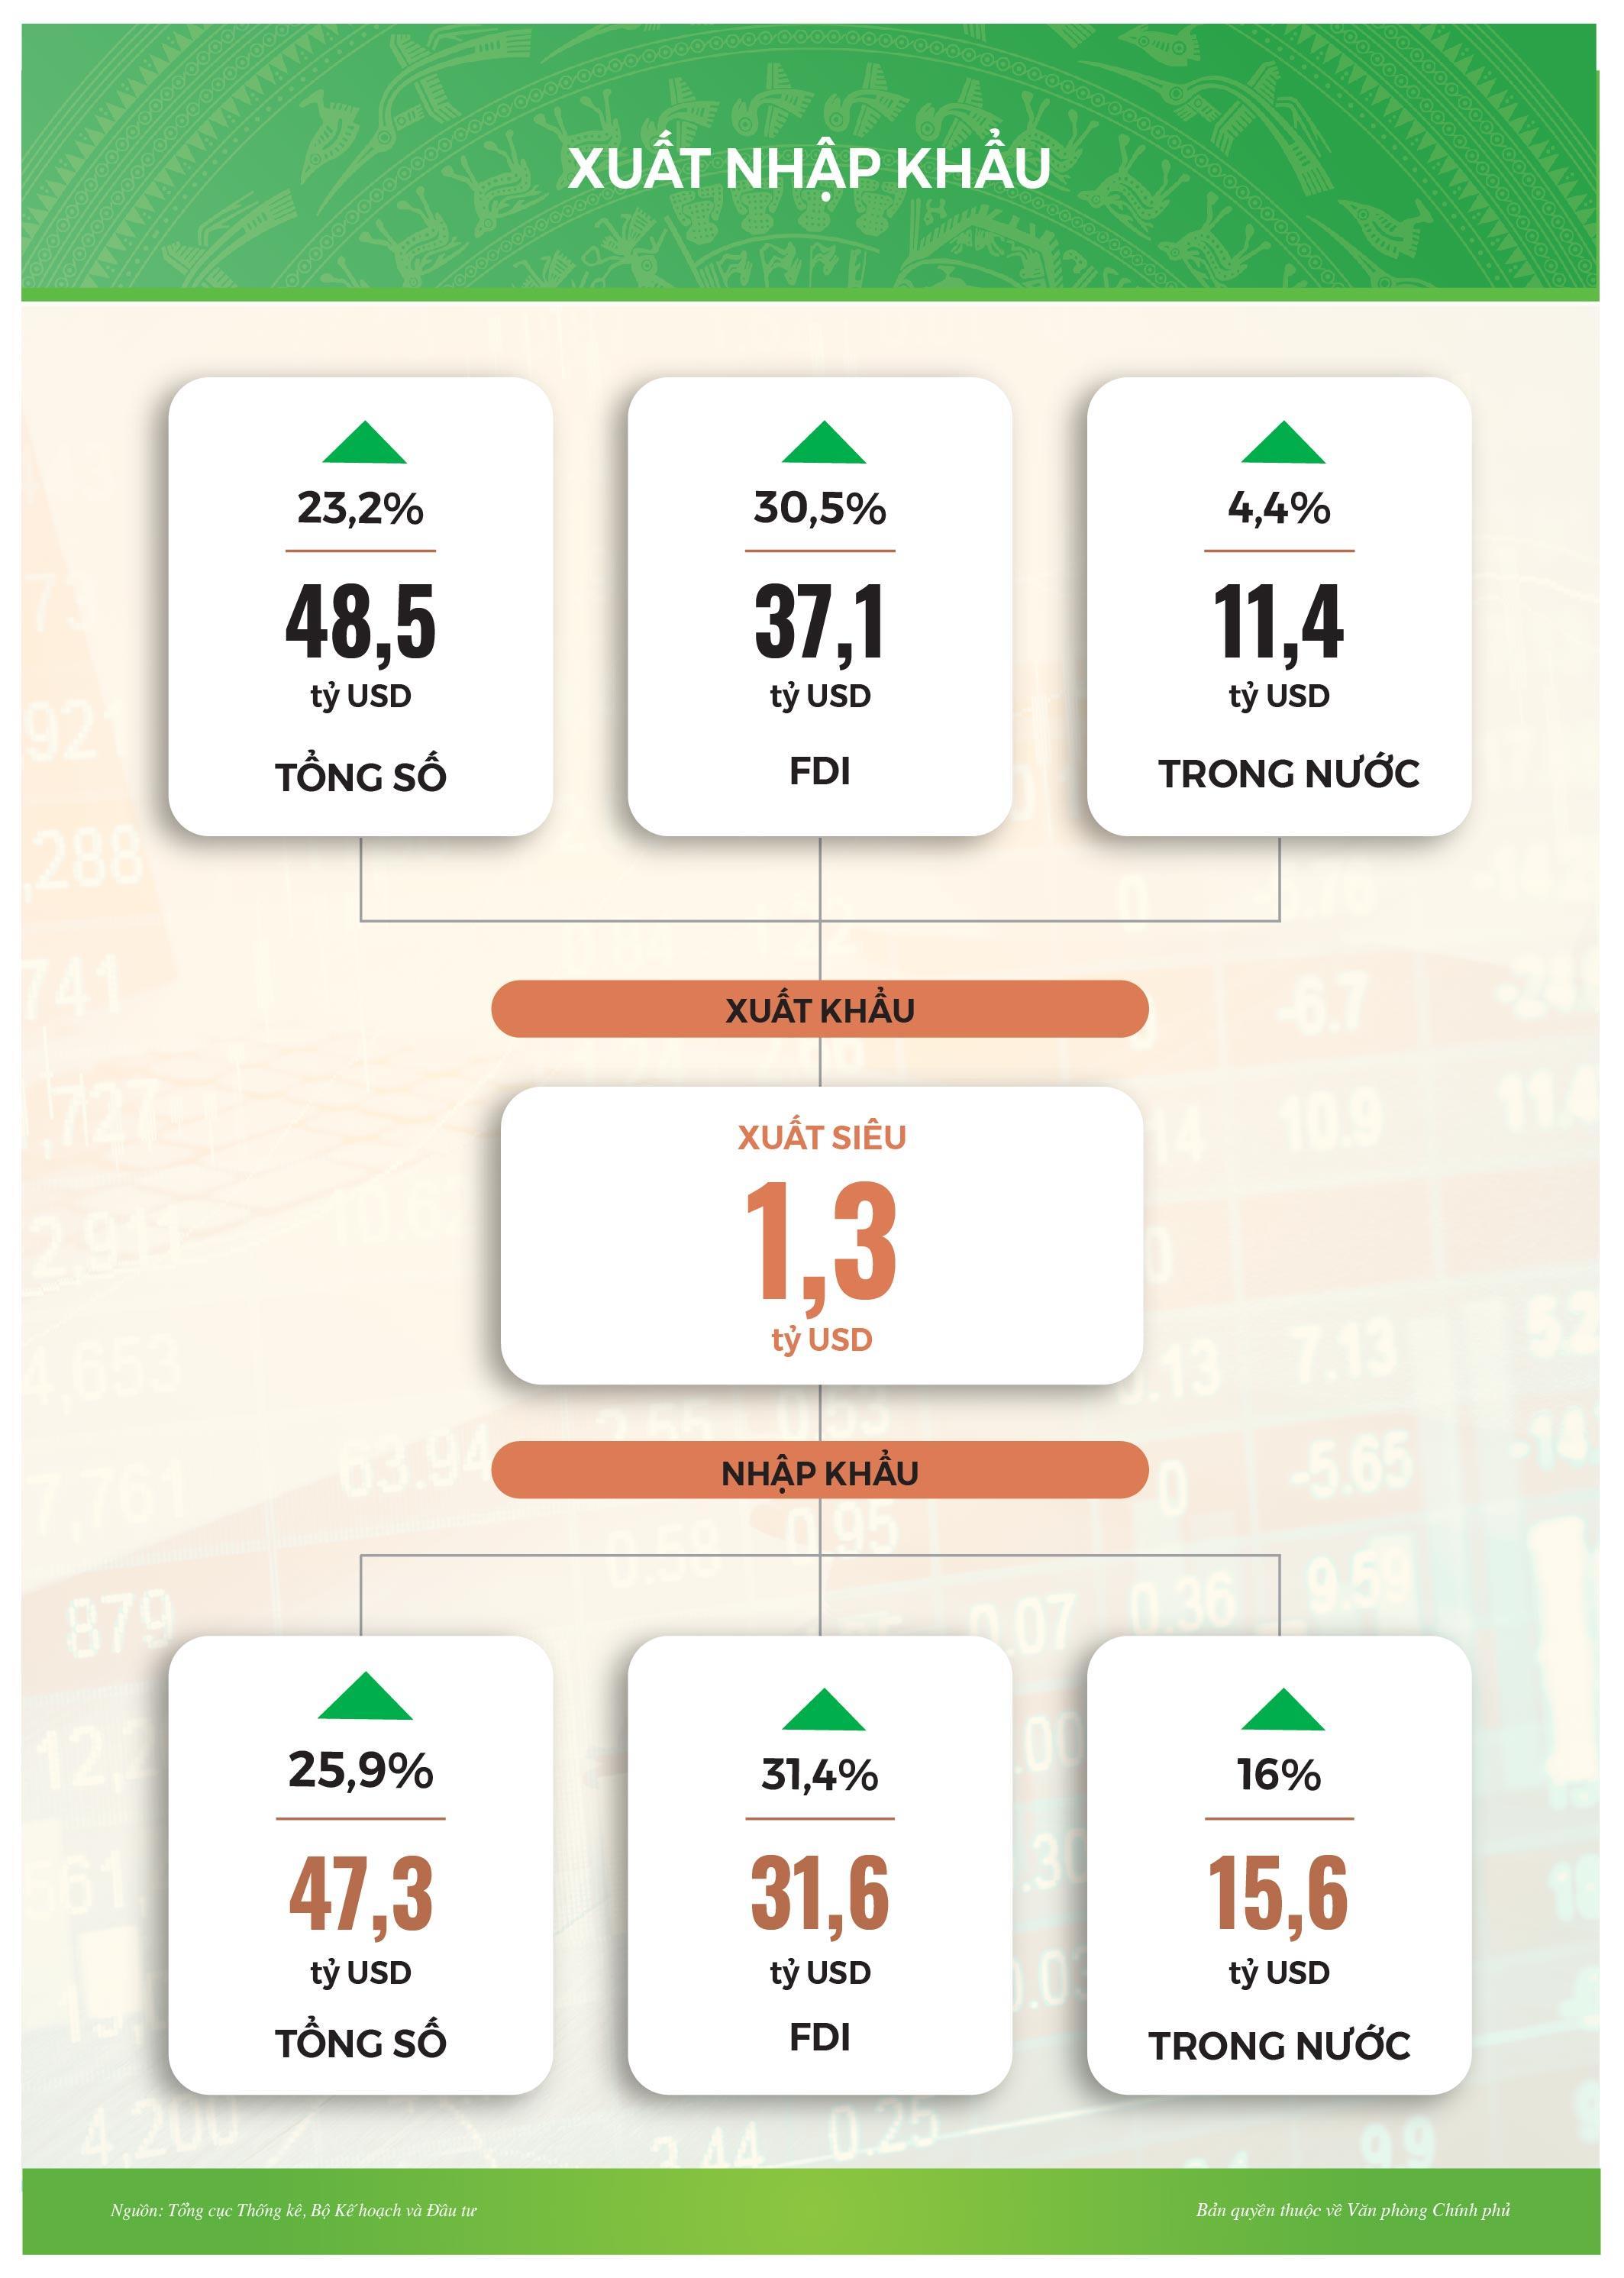 Infographic: Tình hình kinh tế-xã hội tháng 2/2021 Ảnh 7